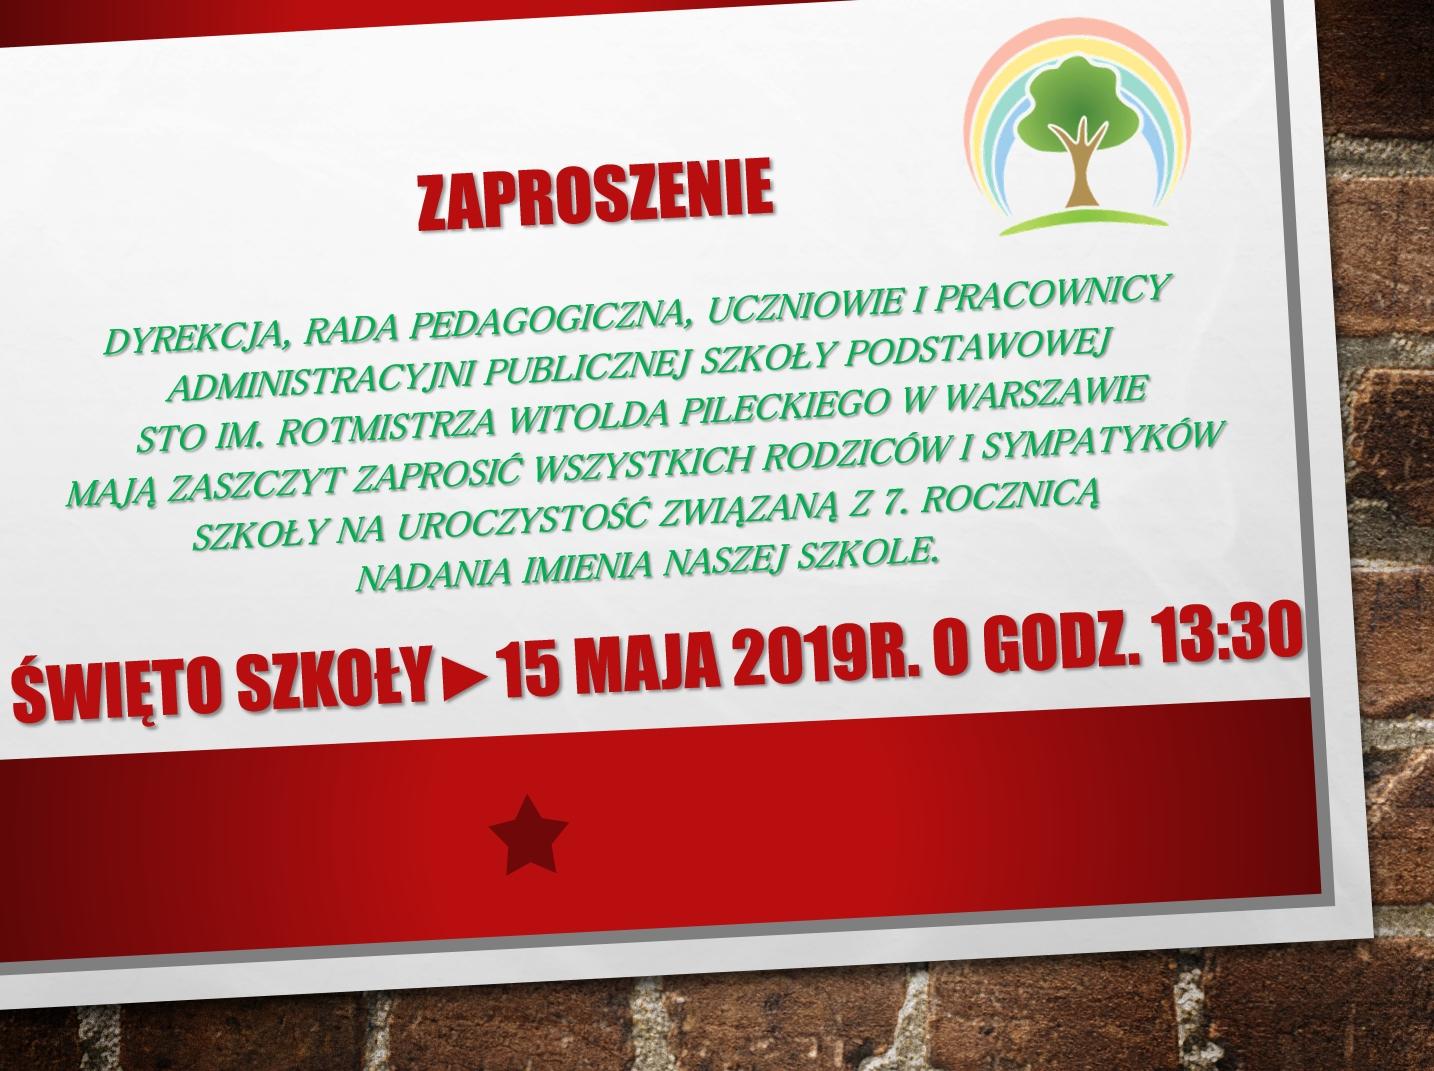 zaproszenie_Swieto_Szkoly_20199